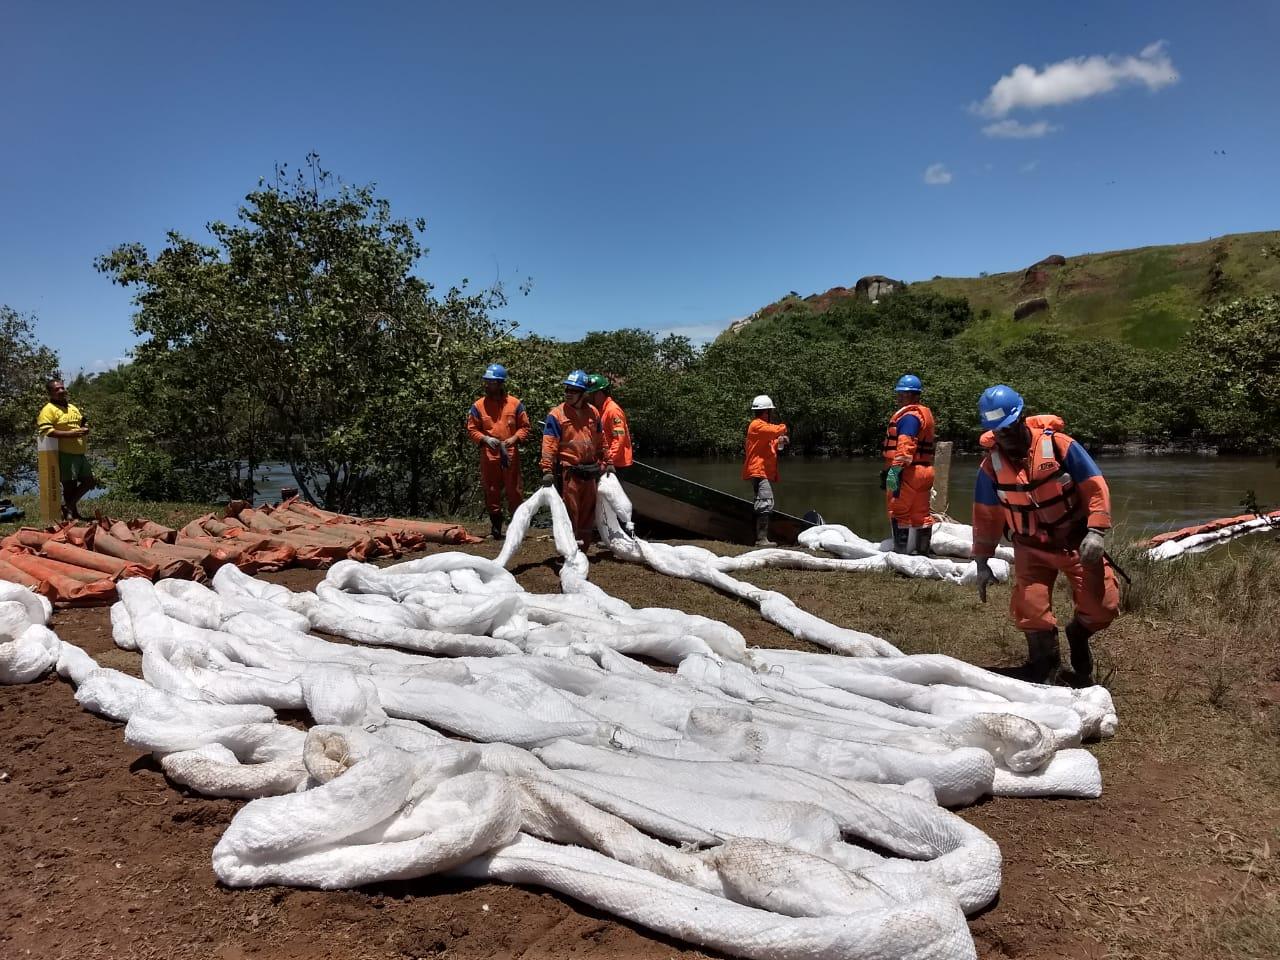 Equipe trabalhando às margens do Rio Estrela (Foto Associação Homens e Mulheres do Mar da Baía de Guanabar)